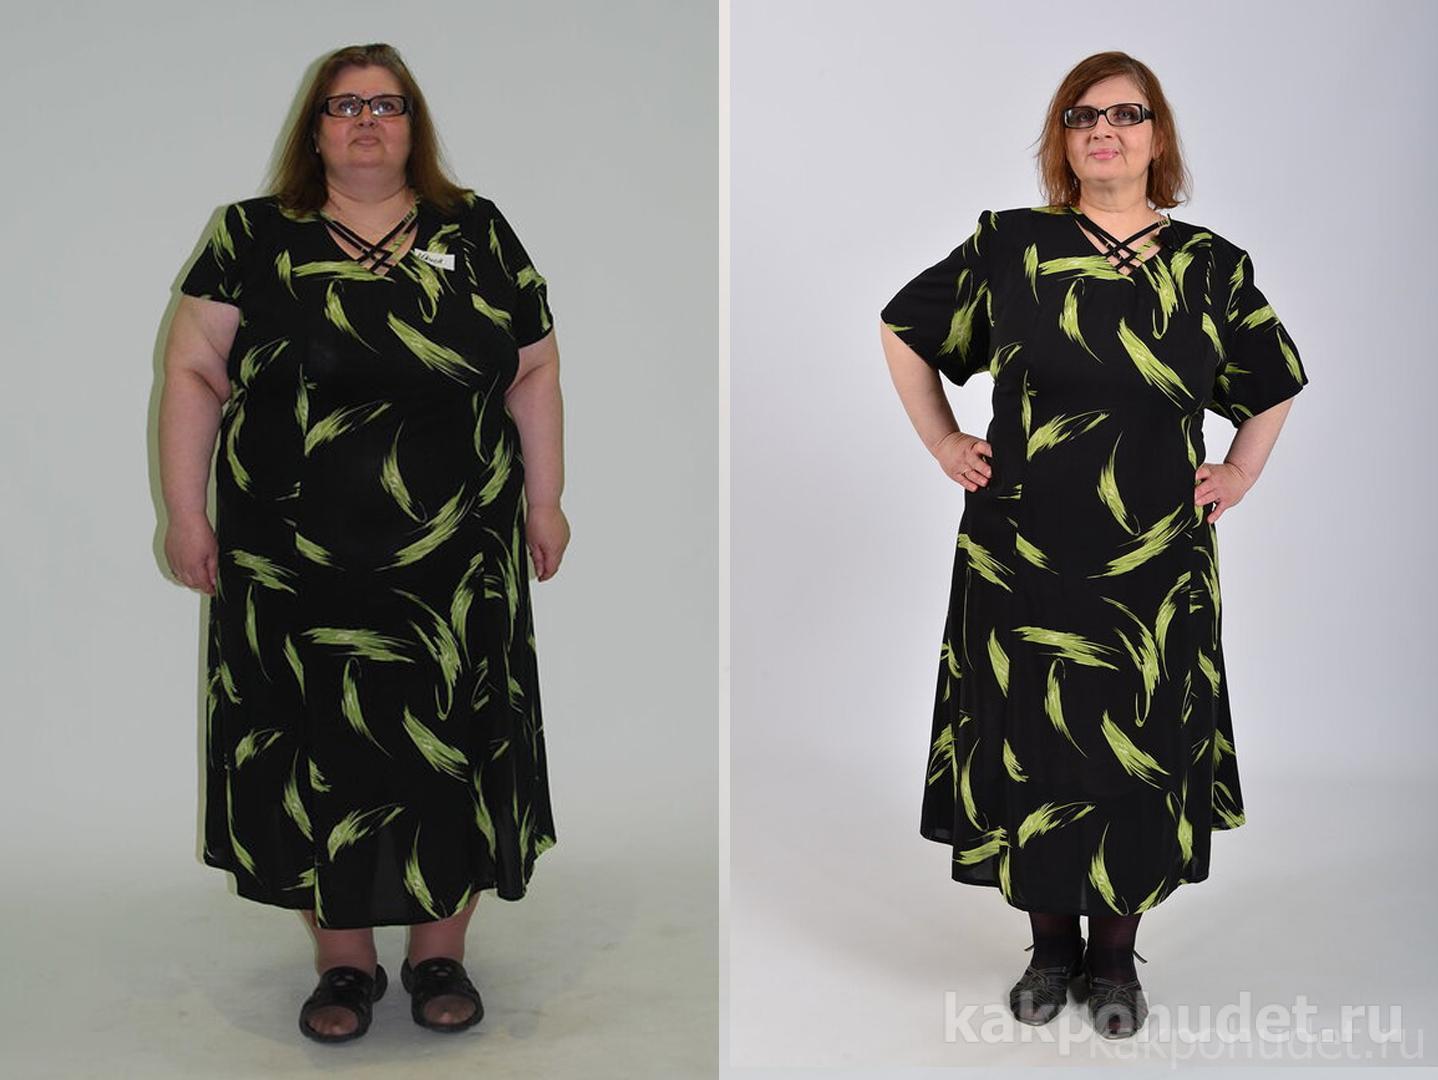 Истории похудения реальные с фото до и